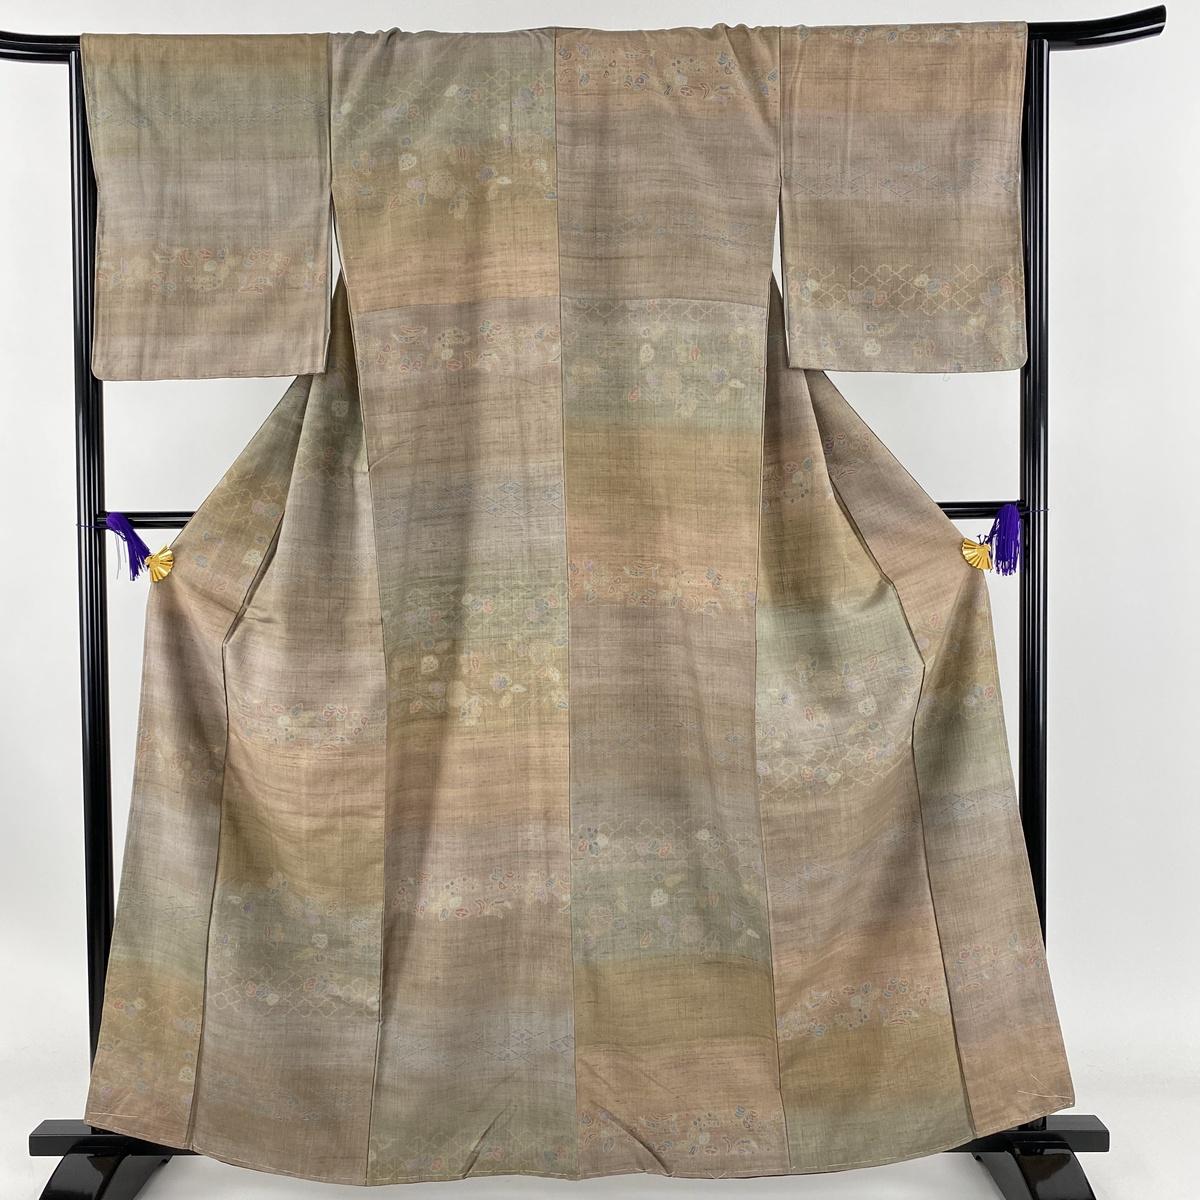 小紋 美品 秀品 草花 横段 茶緑色 袷 身丈161.5cm 裄丈66cm M 正絹 【中古】